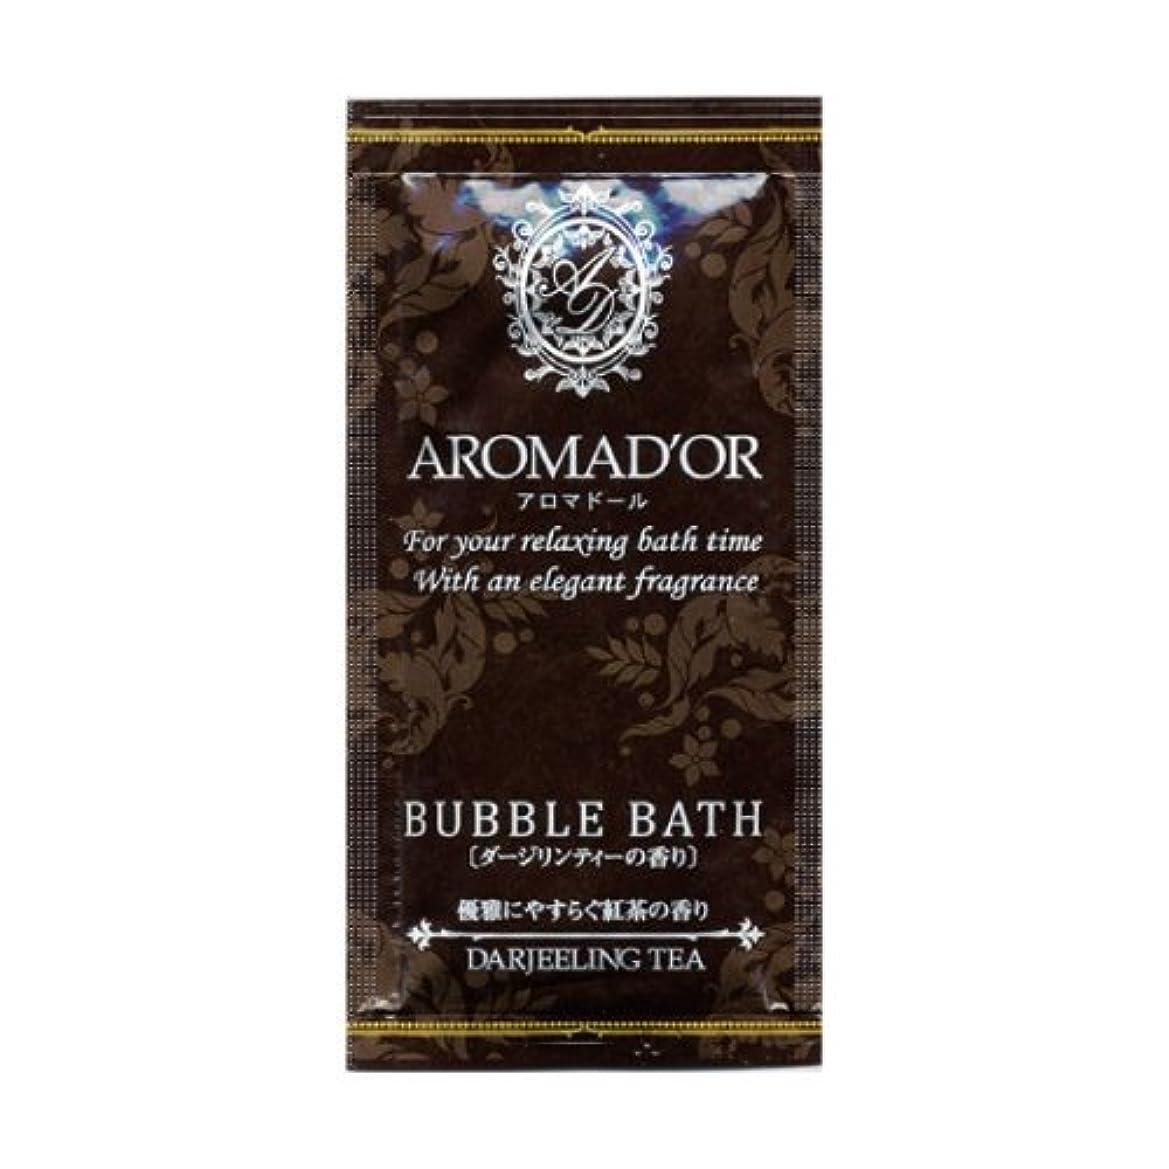 むちゃくちゃわざわざアリスアロマドール バブルバス ダージリンティーの香り 12包